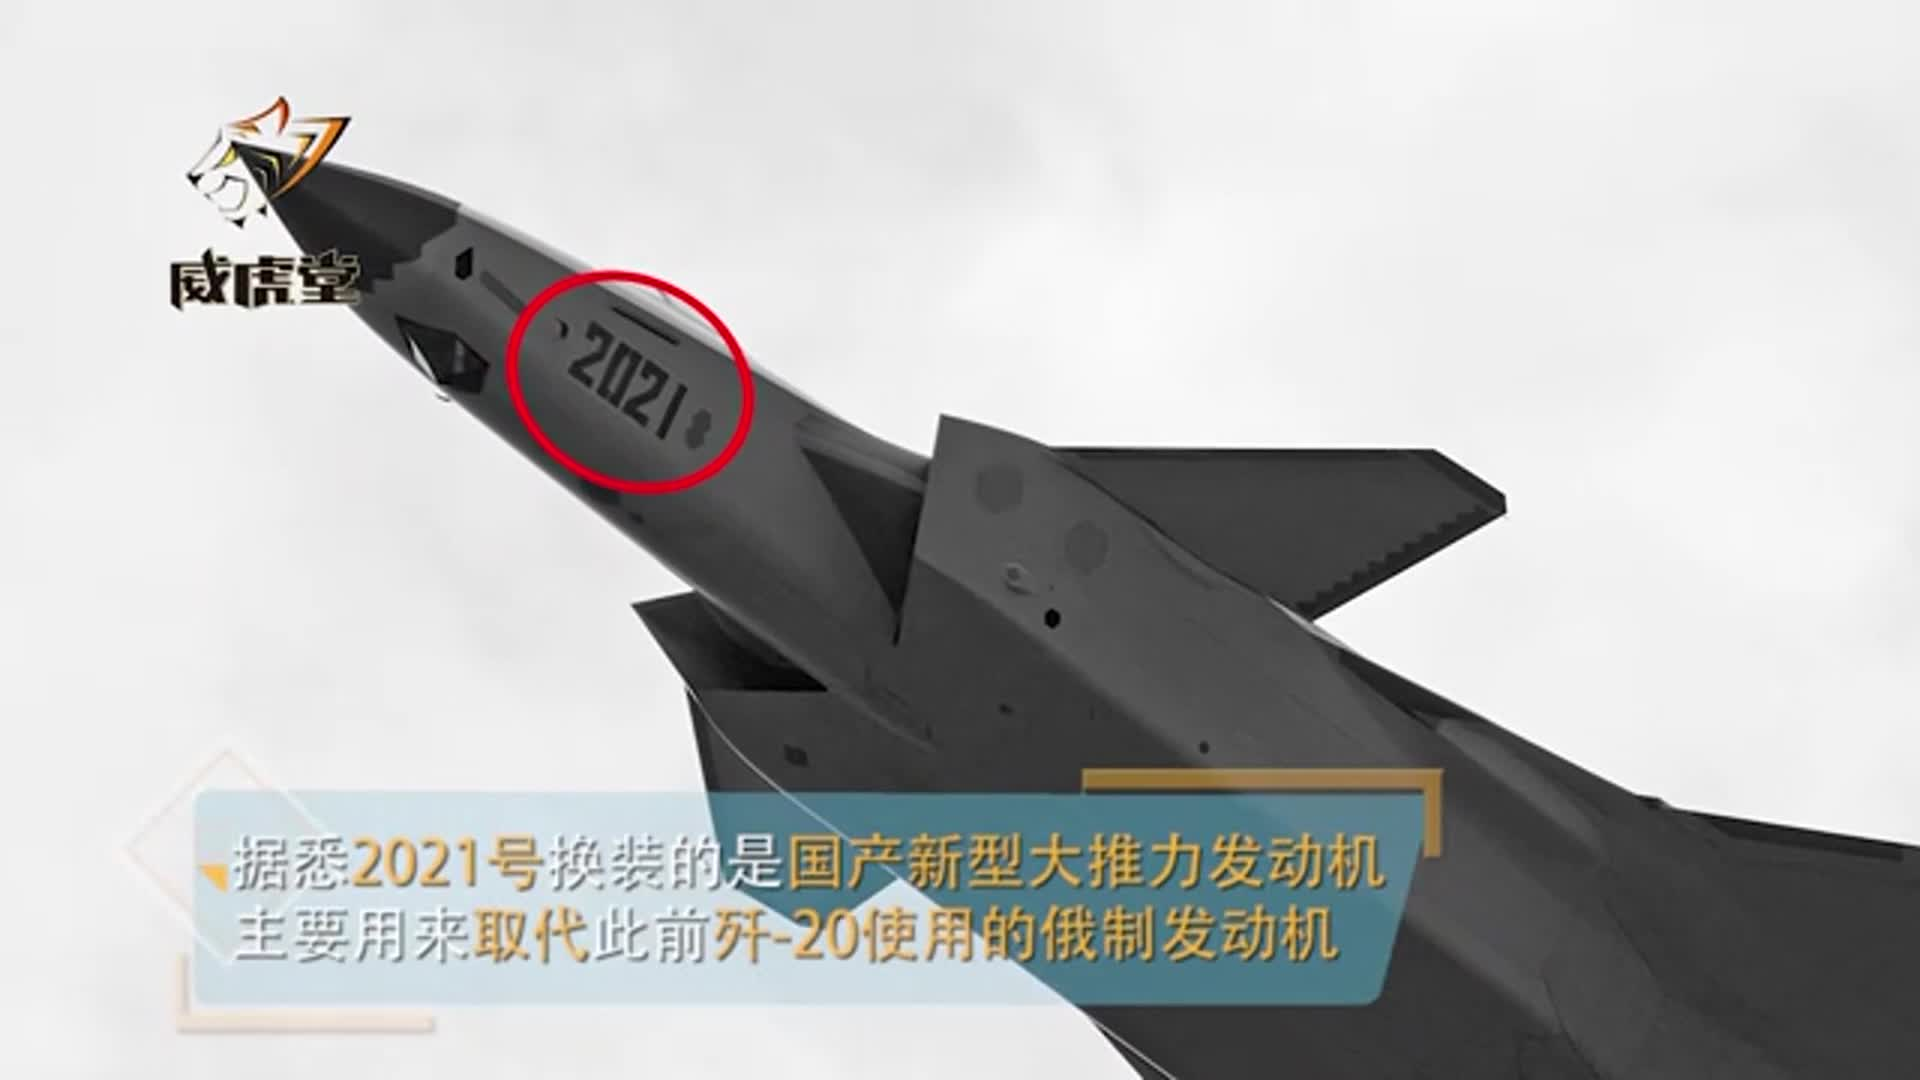 [视频]歼-20改进型细节首次曝光 已装备新型国产发动机